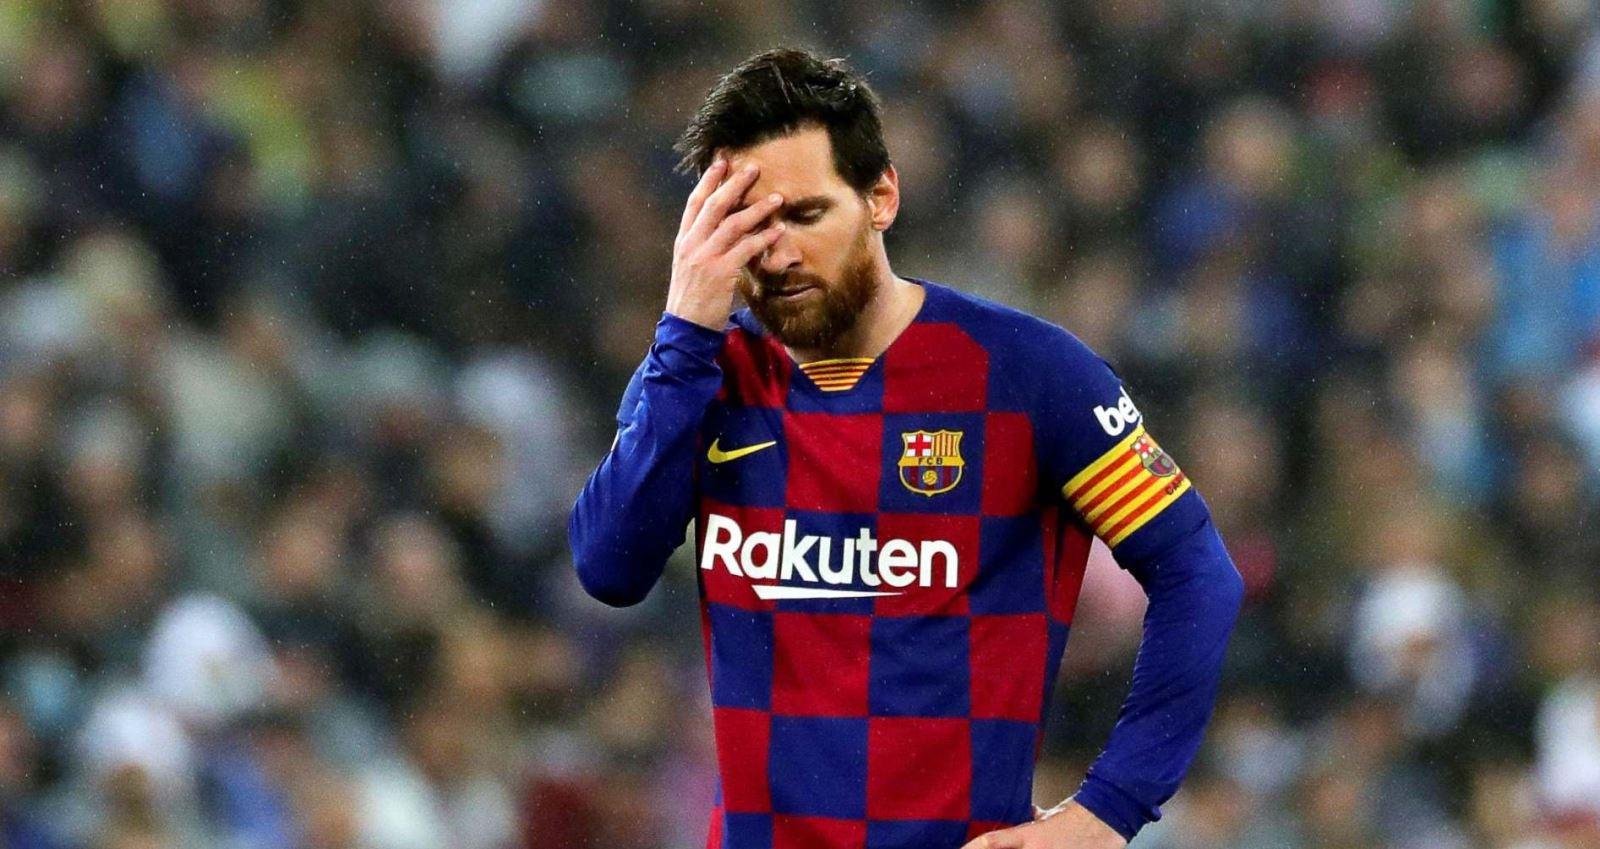 bóng đá, bong da, barcelona, barca, lịch thi đấu, trực tiếp bóng đá, la liga, tây ban nha, covid-19, messi, lionel messi